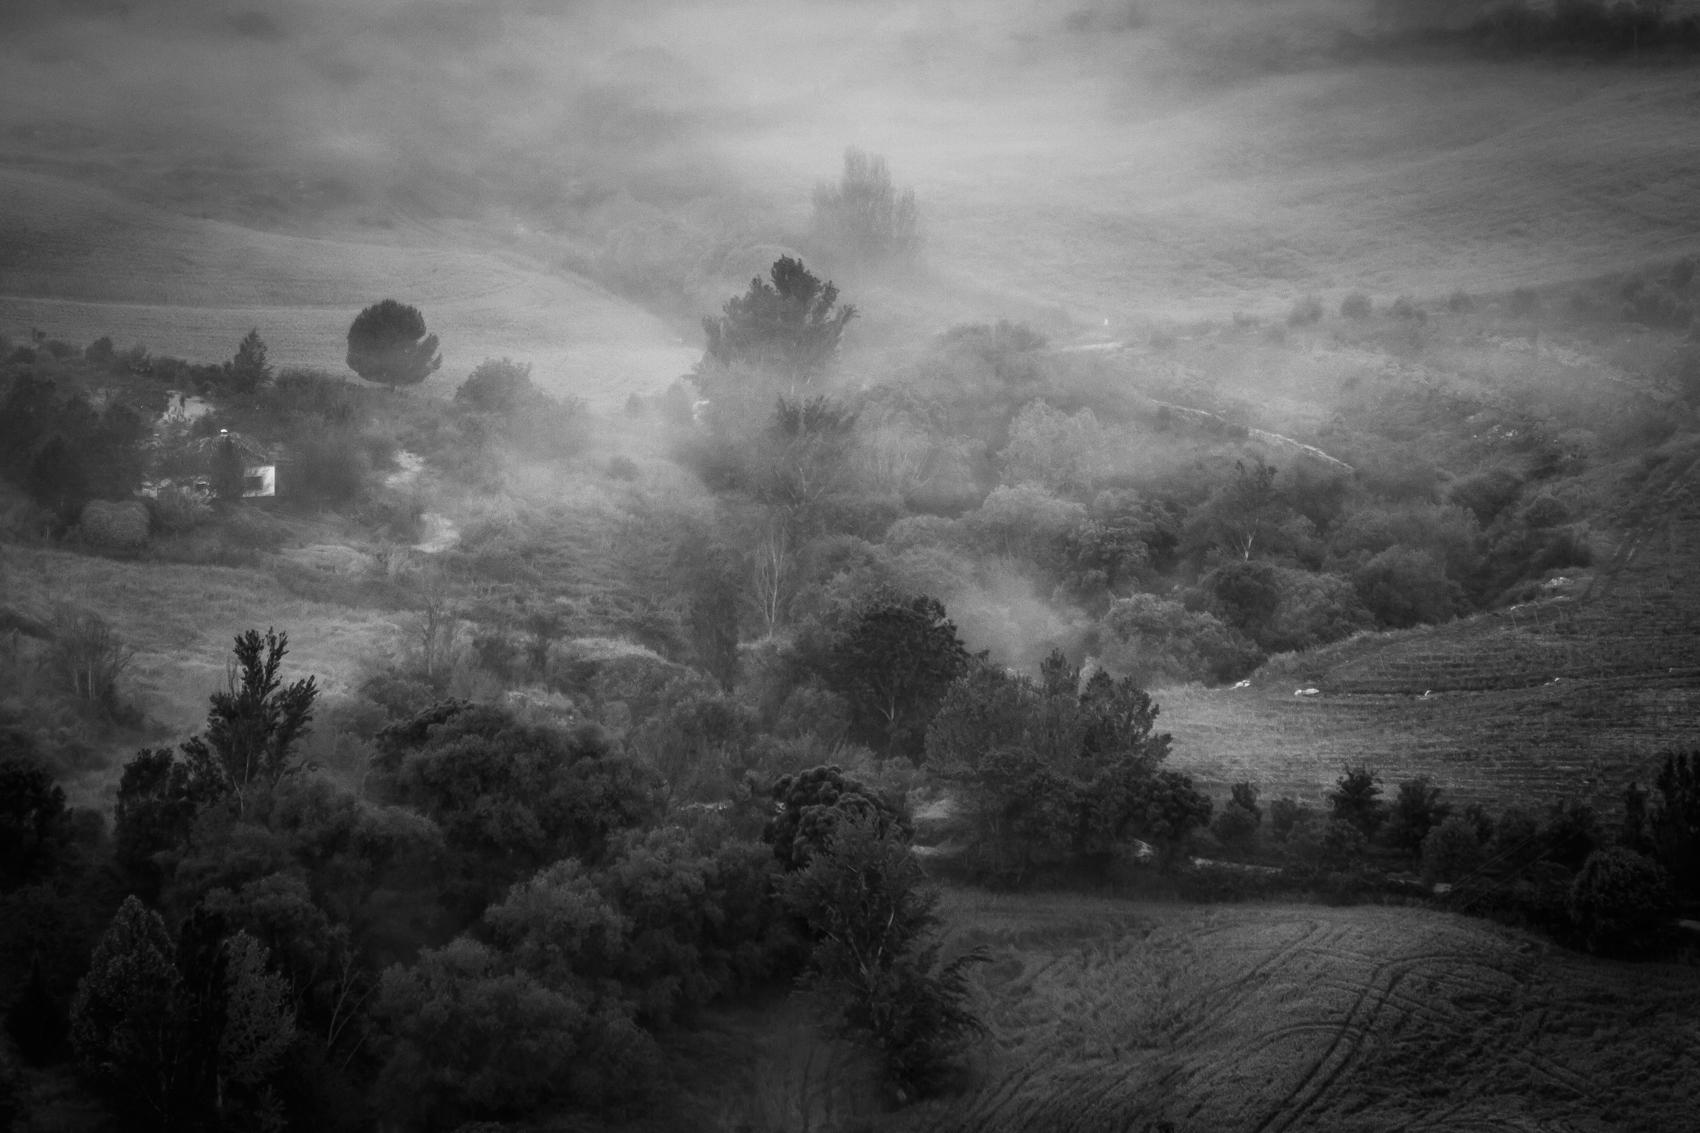 Morning fog, Ronda